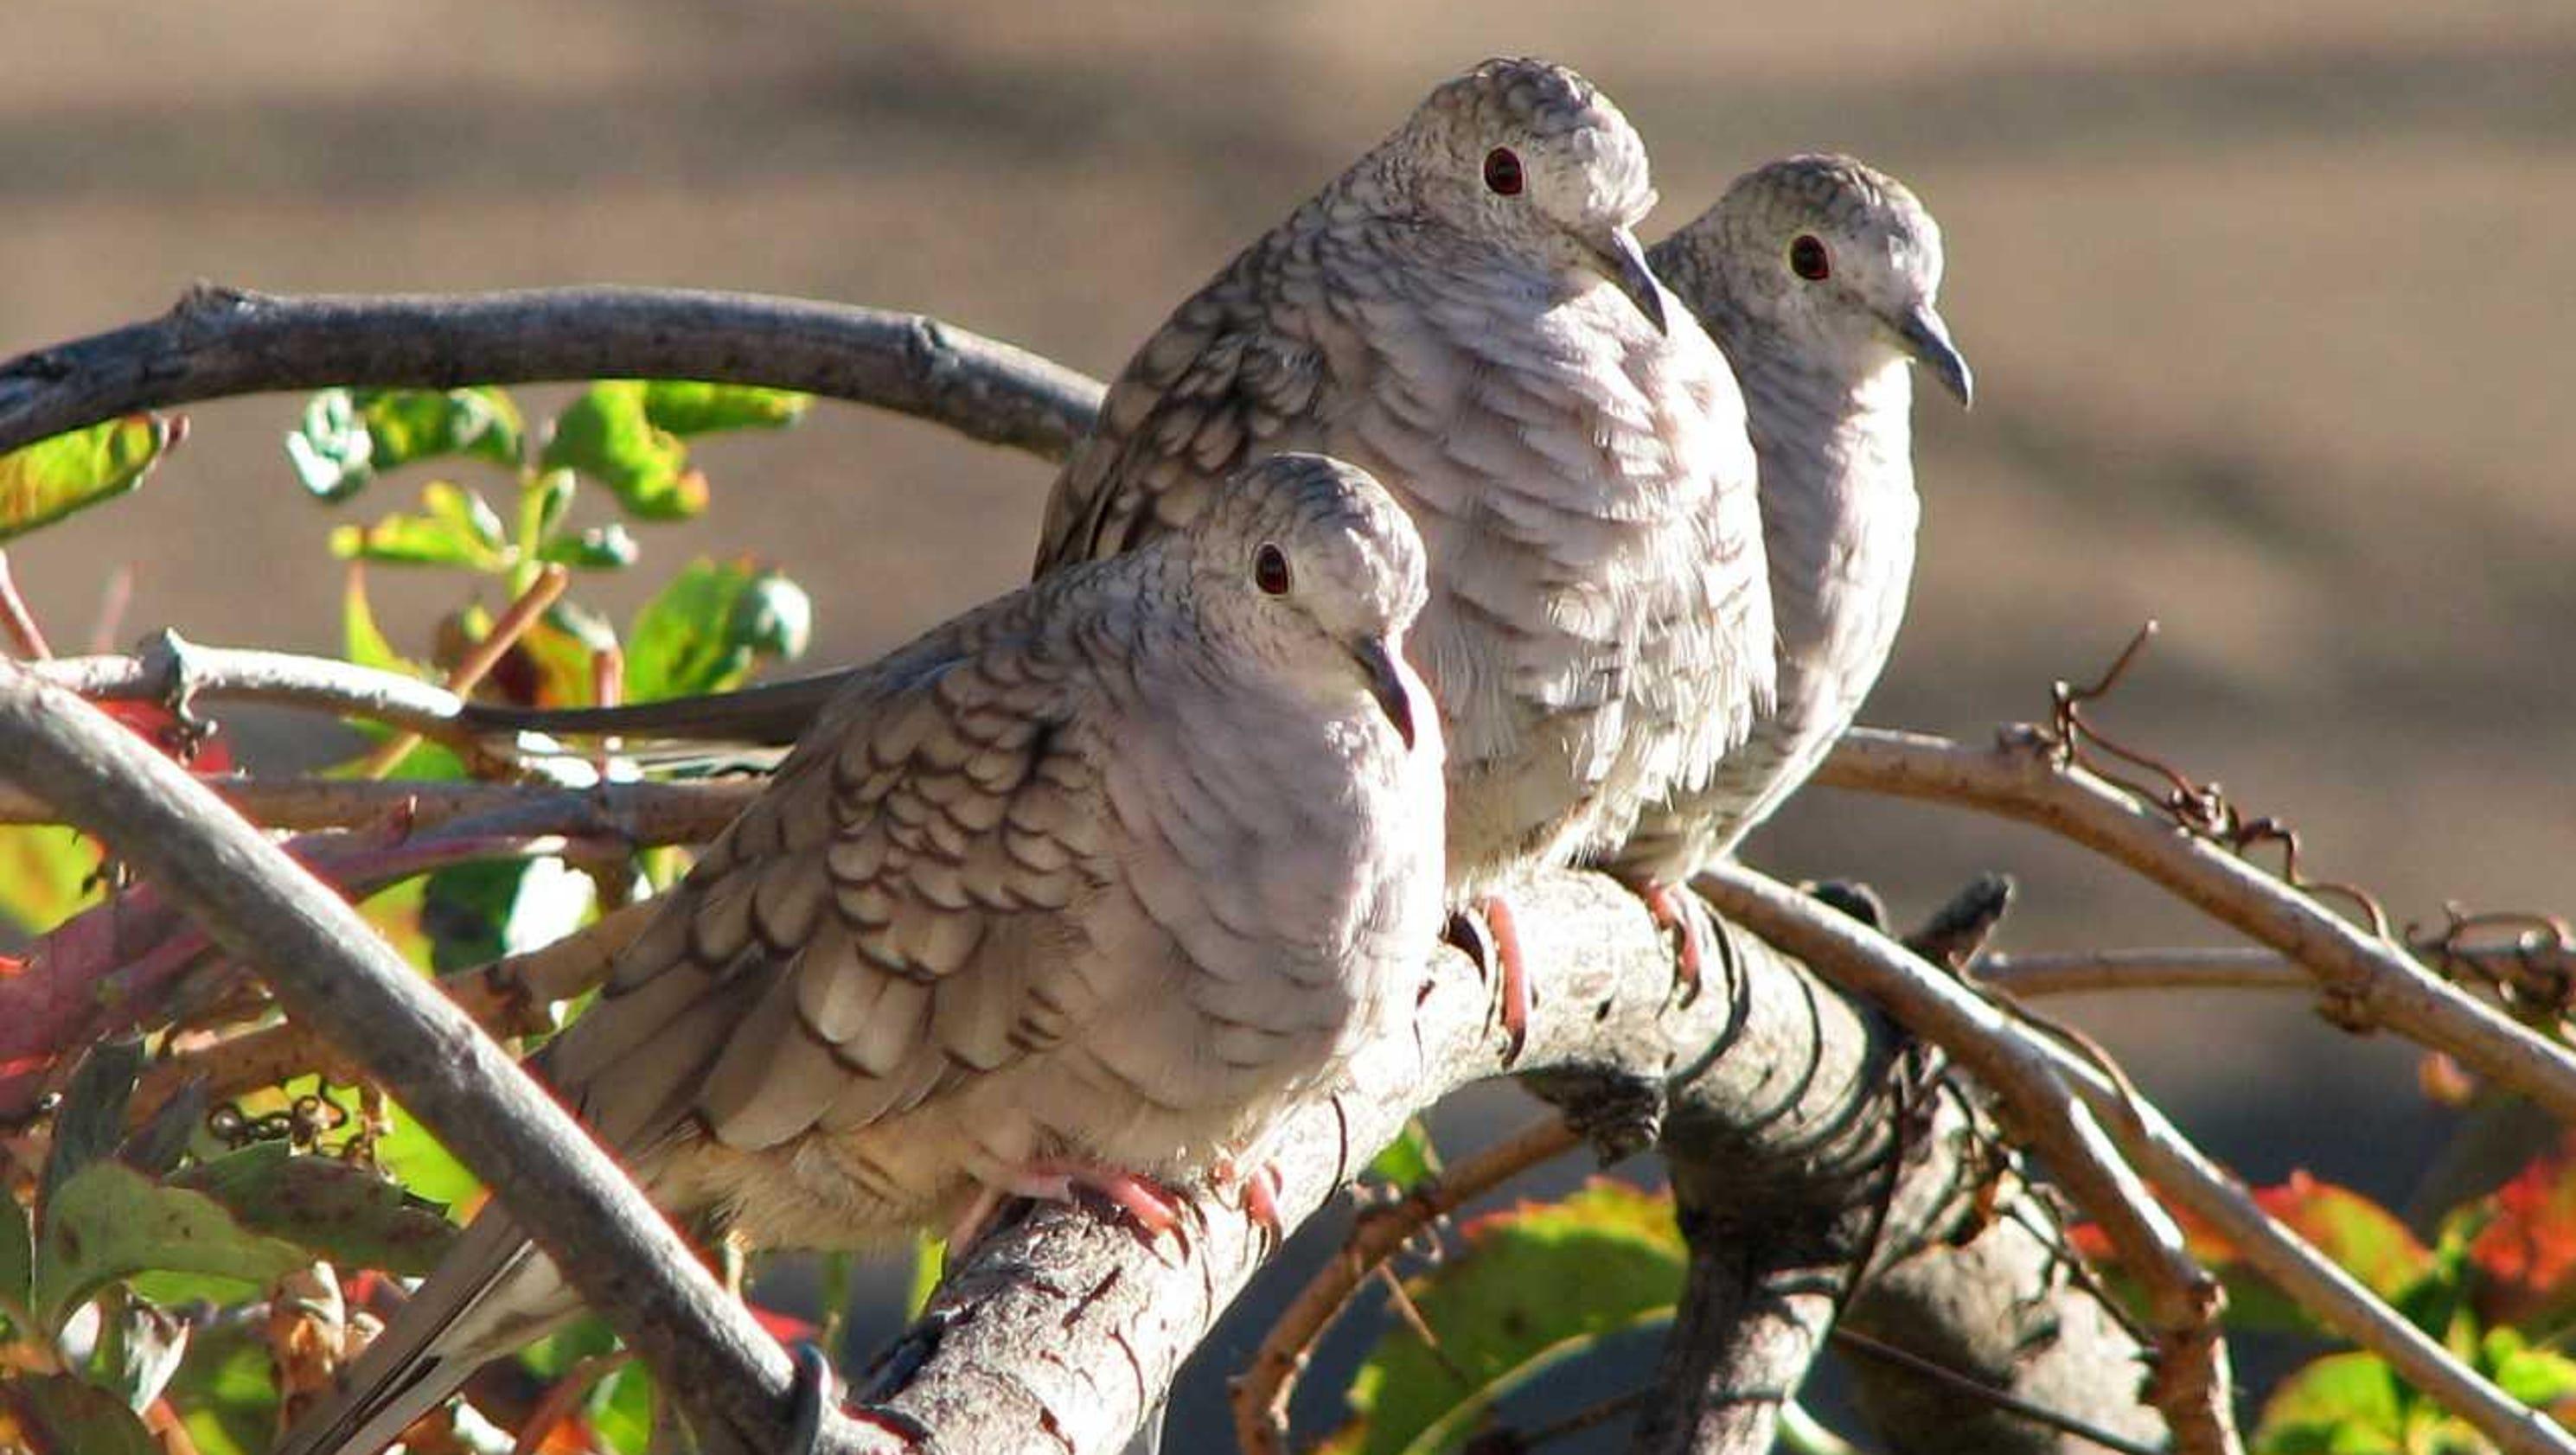 Mourning dove symbolism native american choice image symbol and naturally speaking doves said to symbolize peace renewal buycottarizona buycottarizona